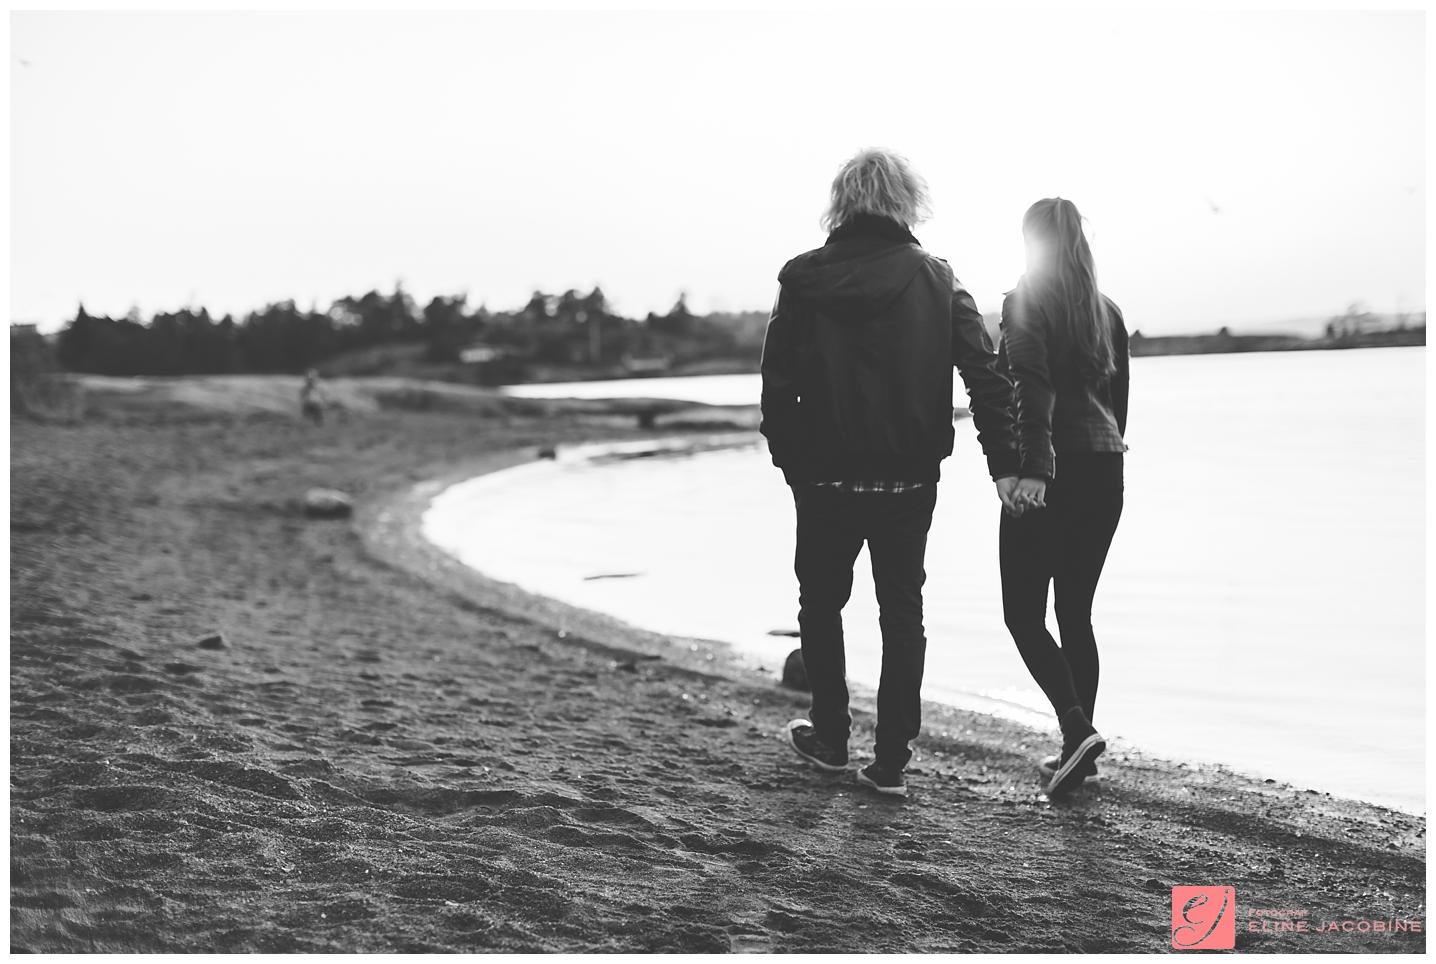 Son-Kjærestefotografering-Fotograf-Eline-Jacobine-Lene-og-Morten_0018